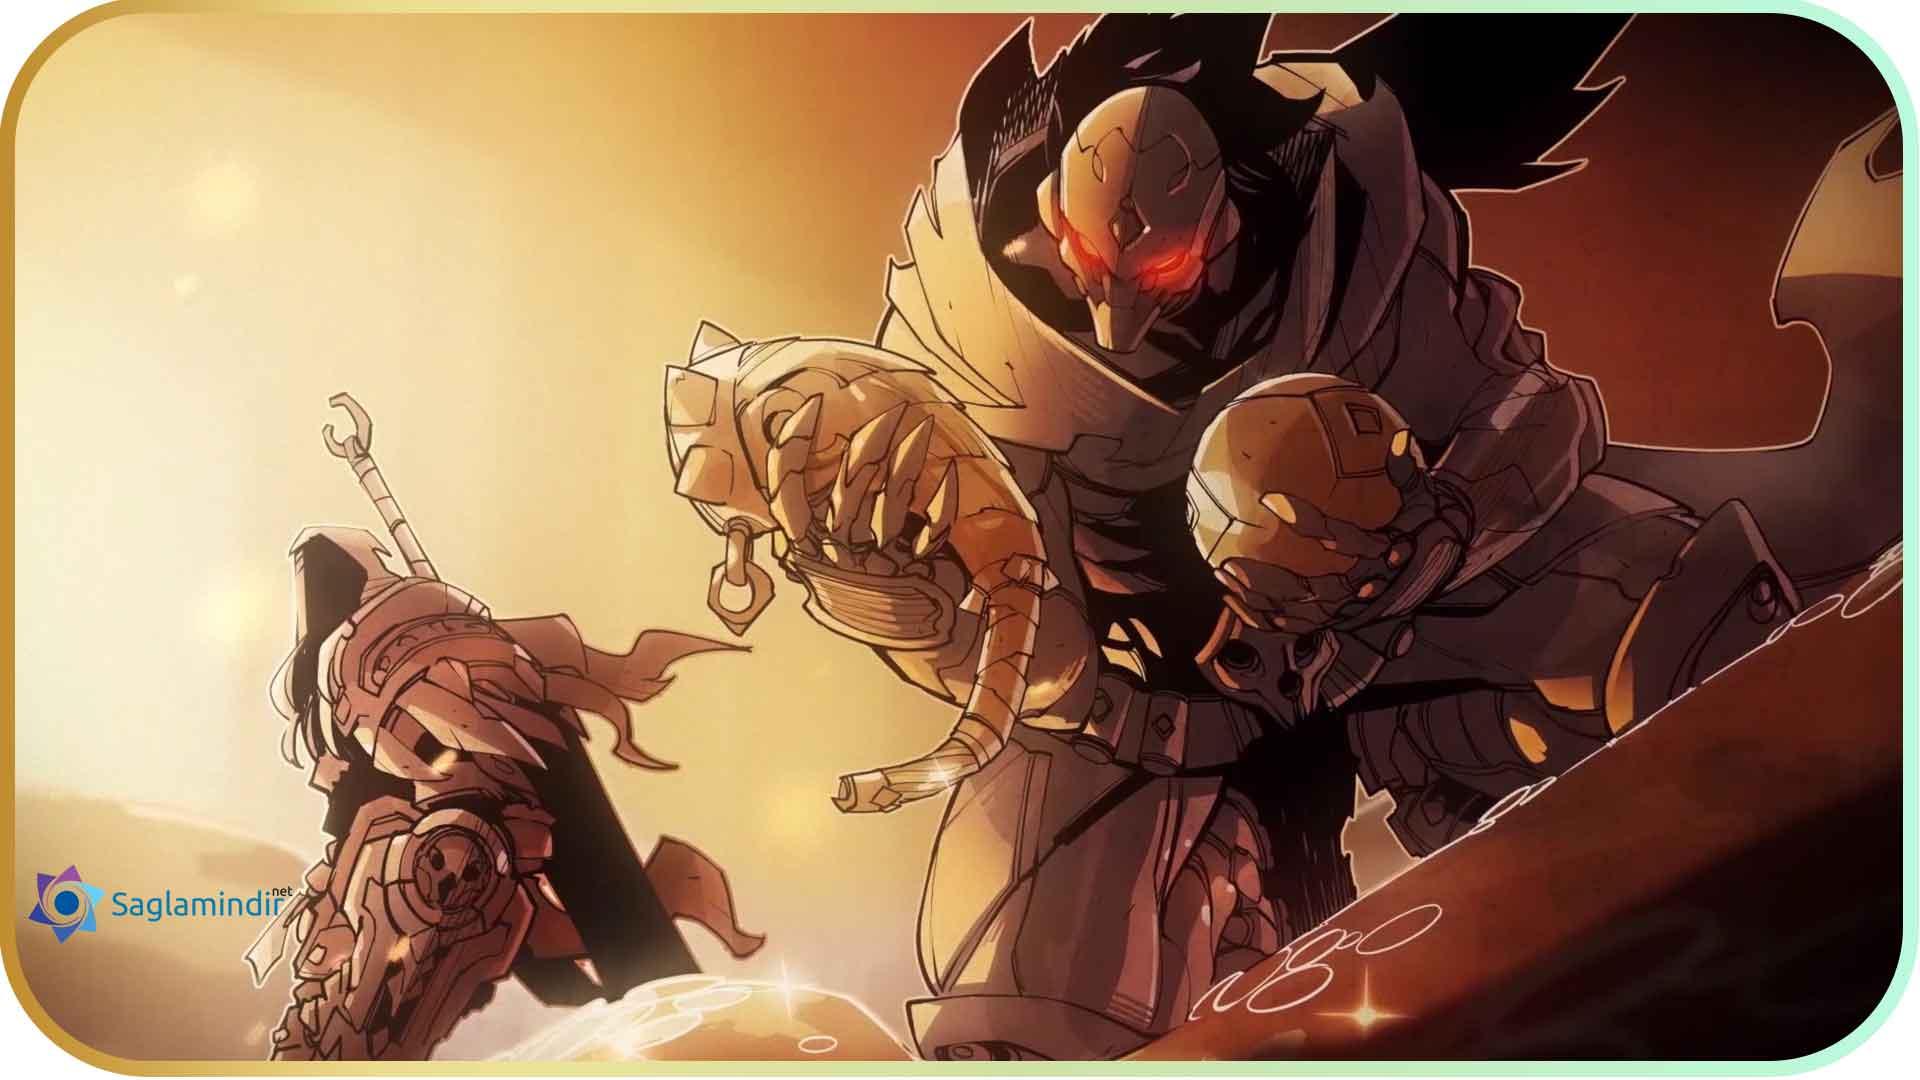 Darksiders Genesis saglamindir